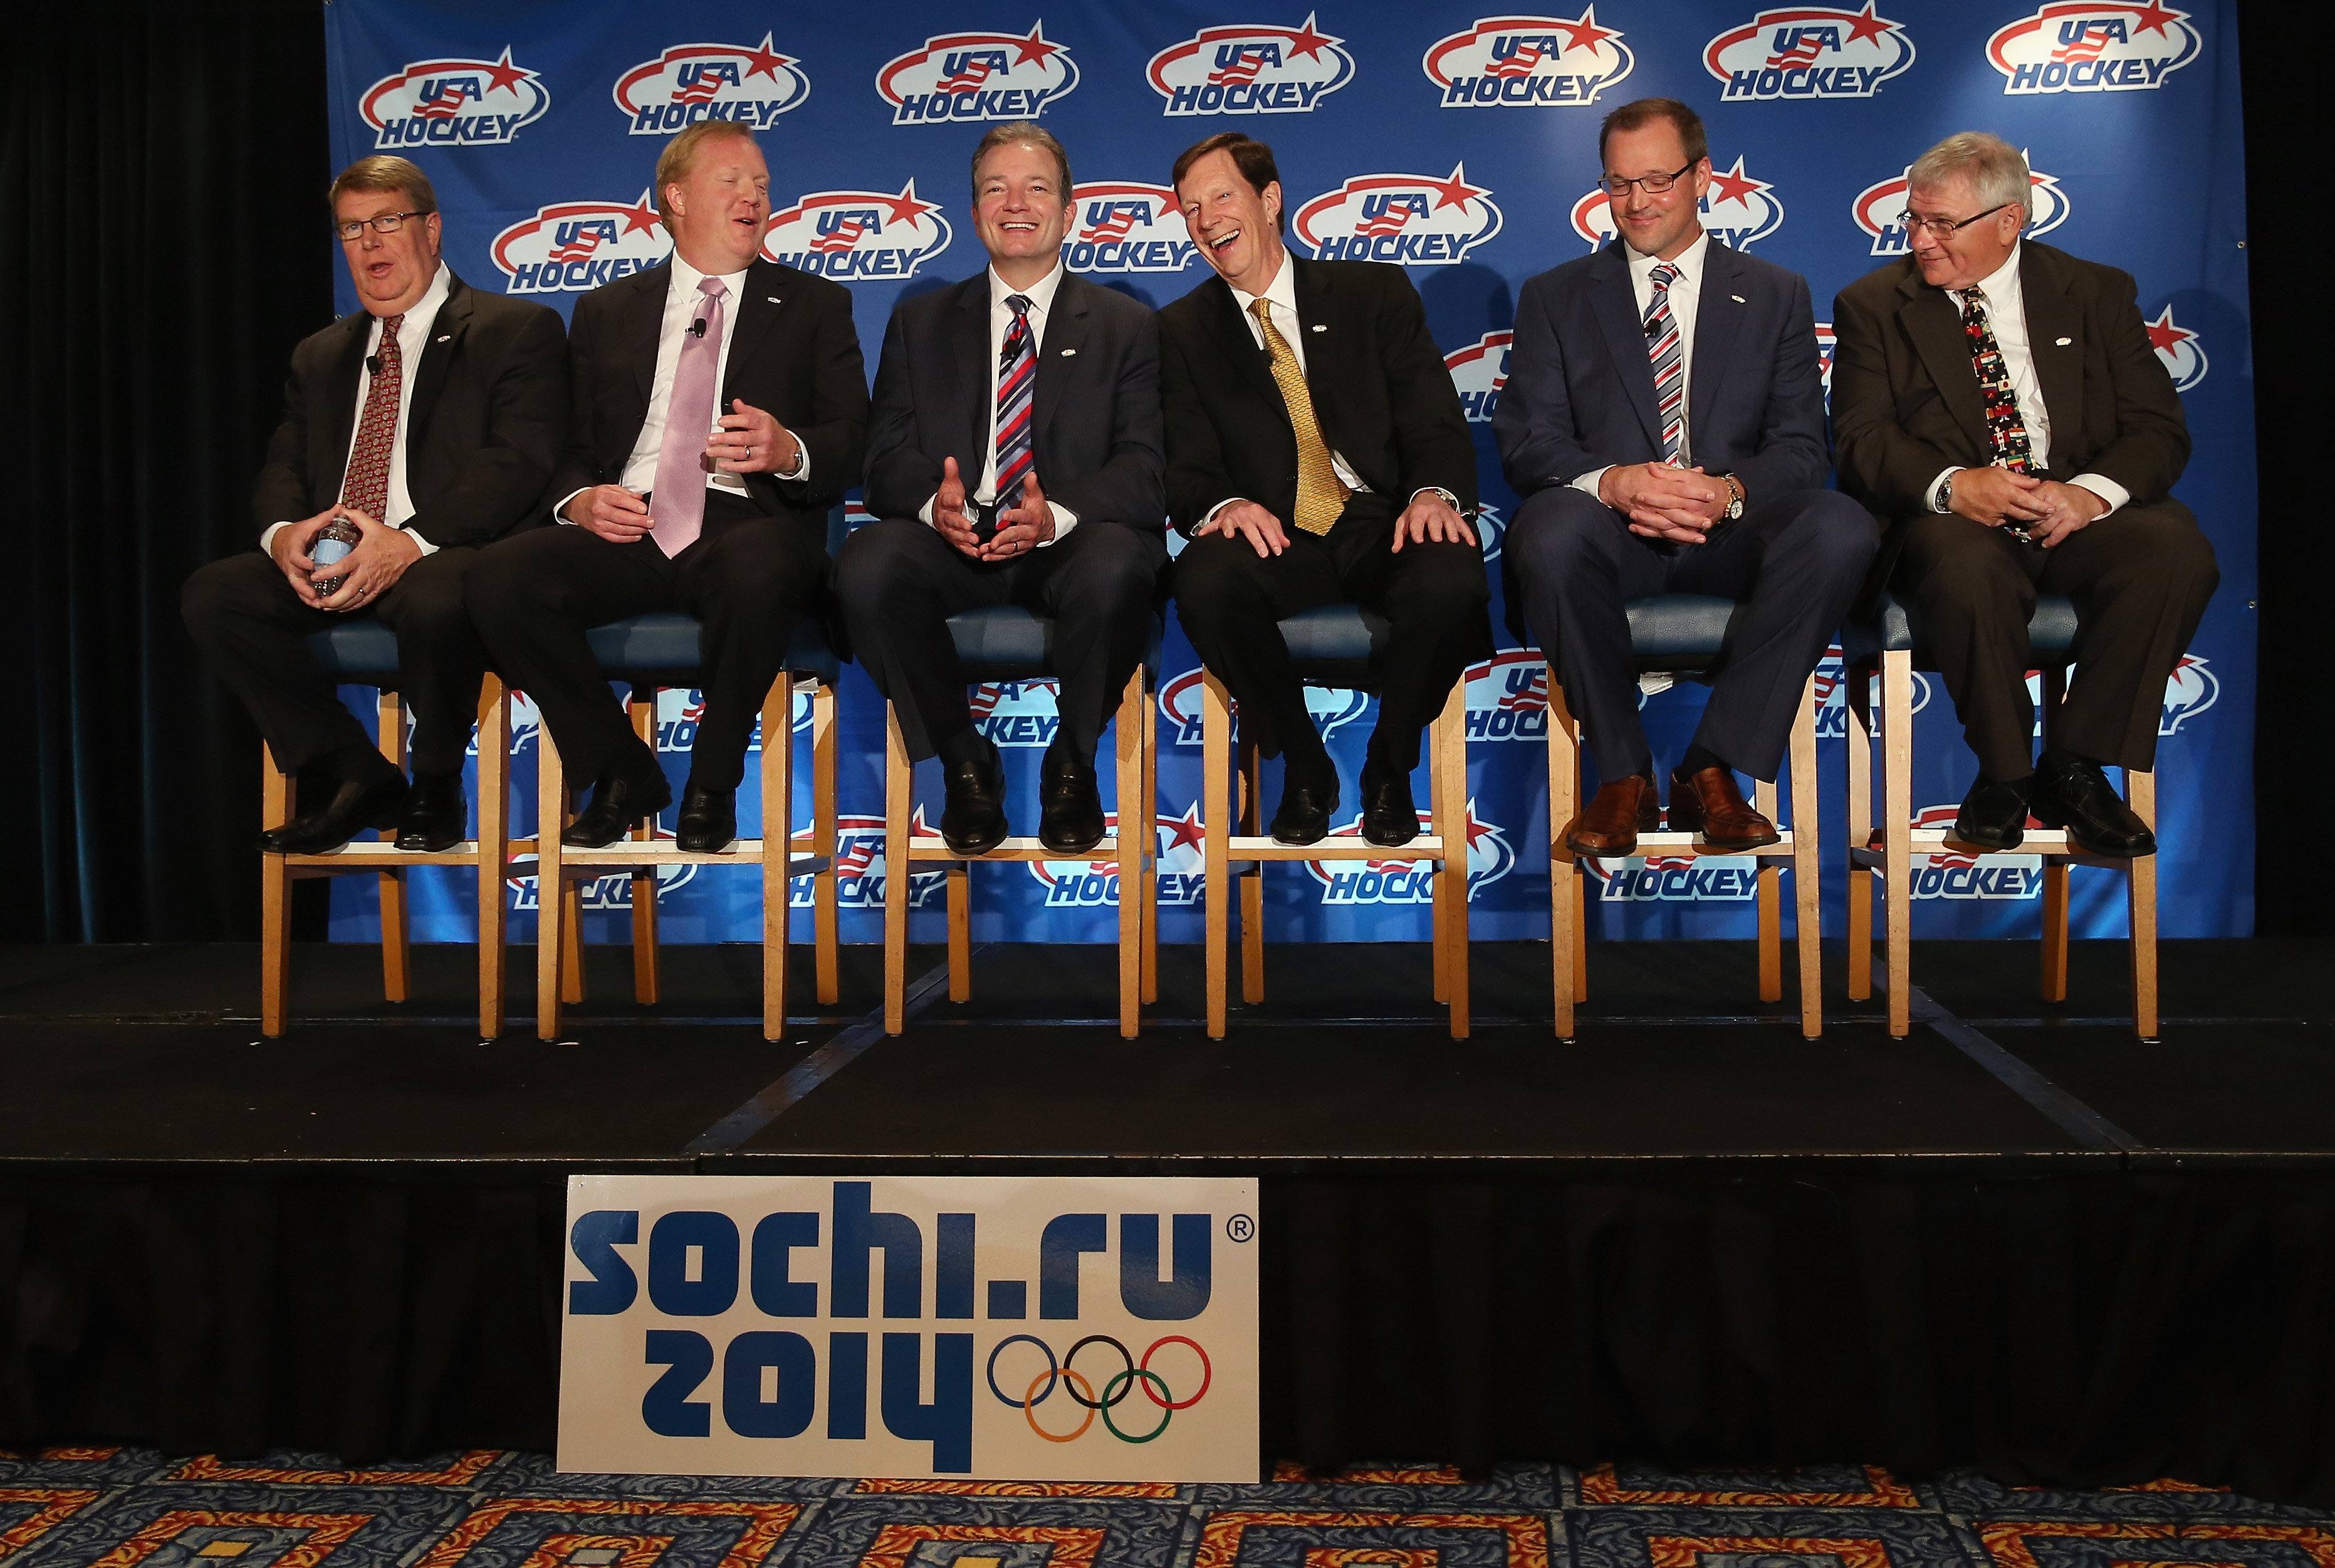 USA Hockey's Dave Ogrean, Jim Johanson, Ray Shero, David Poile, Dan Bylsma and Ron DeGregorio in June.